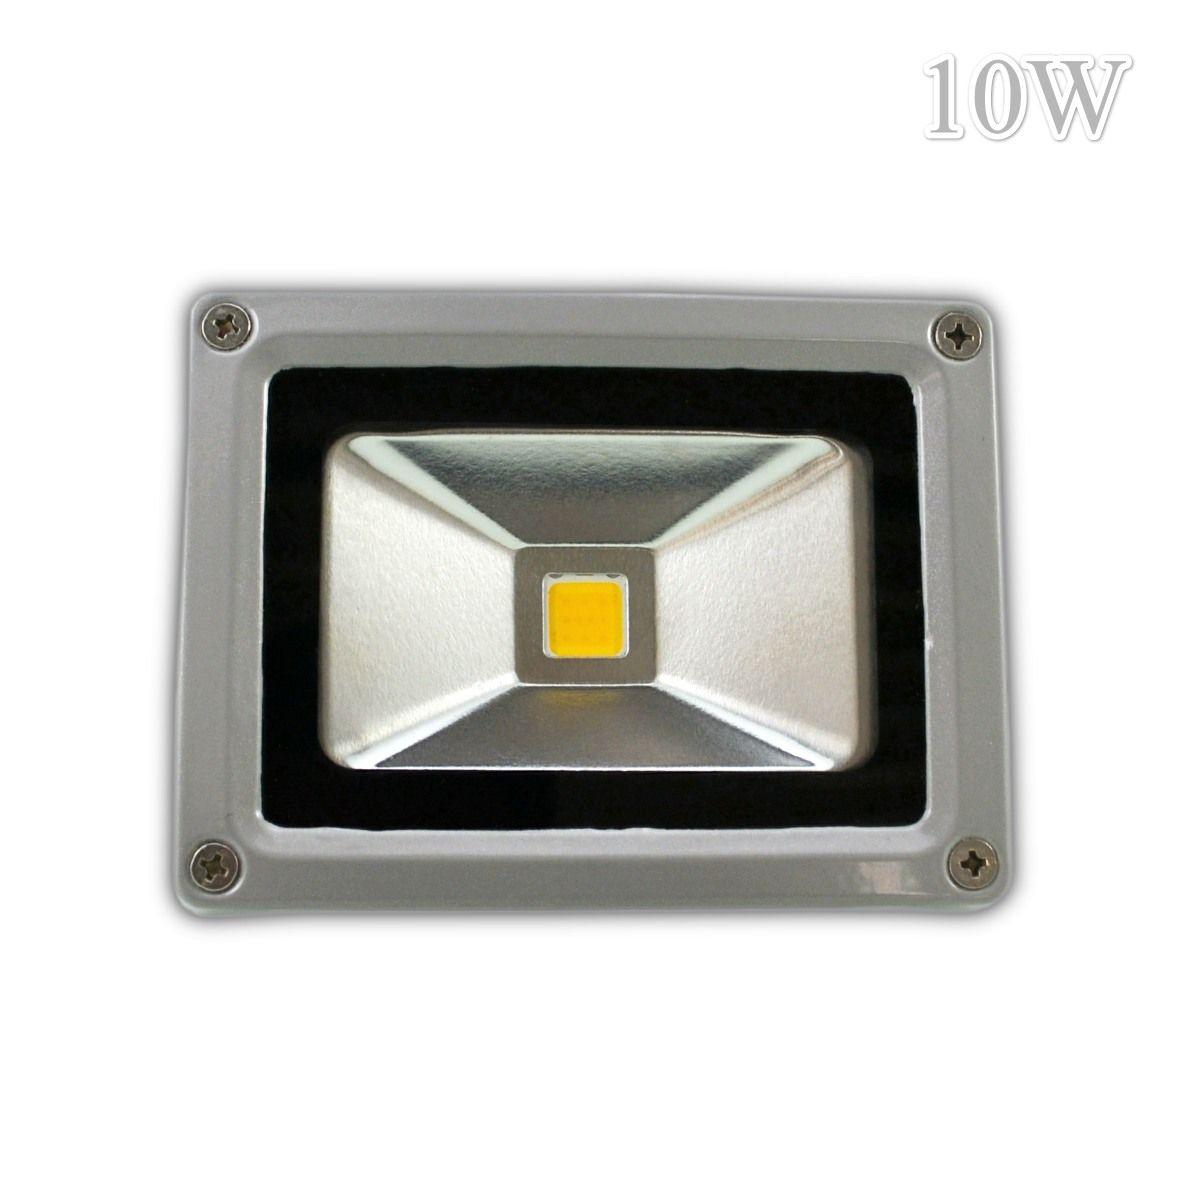 LED Strahler 10W   Fluter & Strahler   Pinterest   Strahler ...